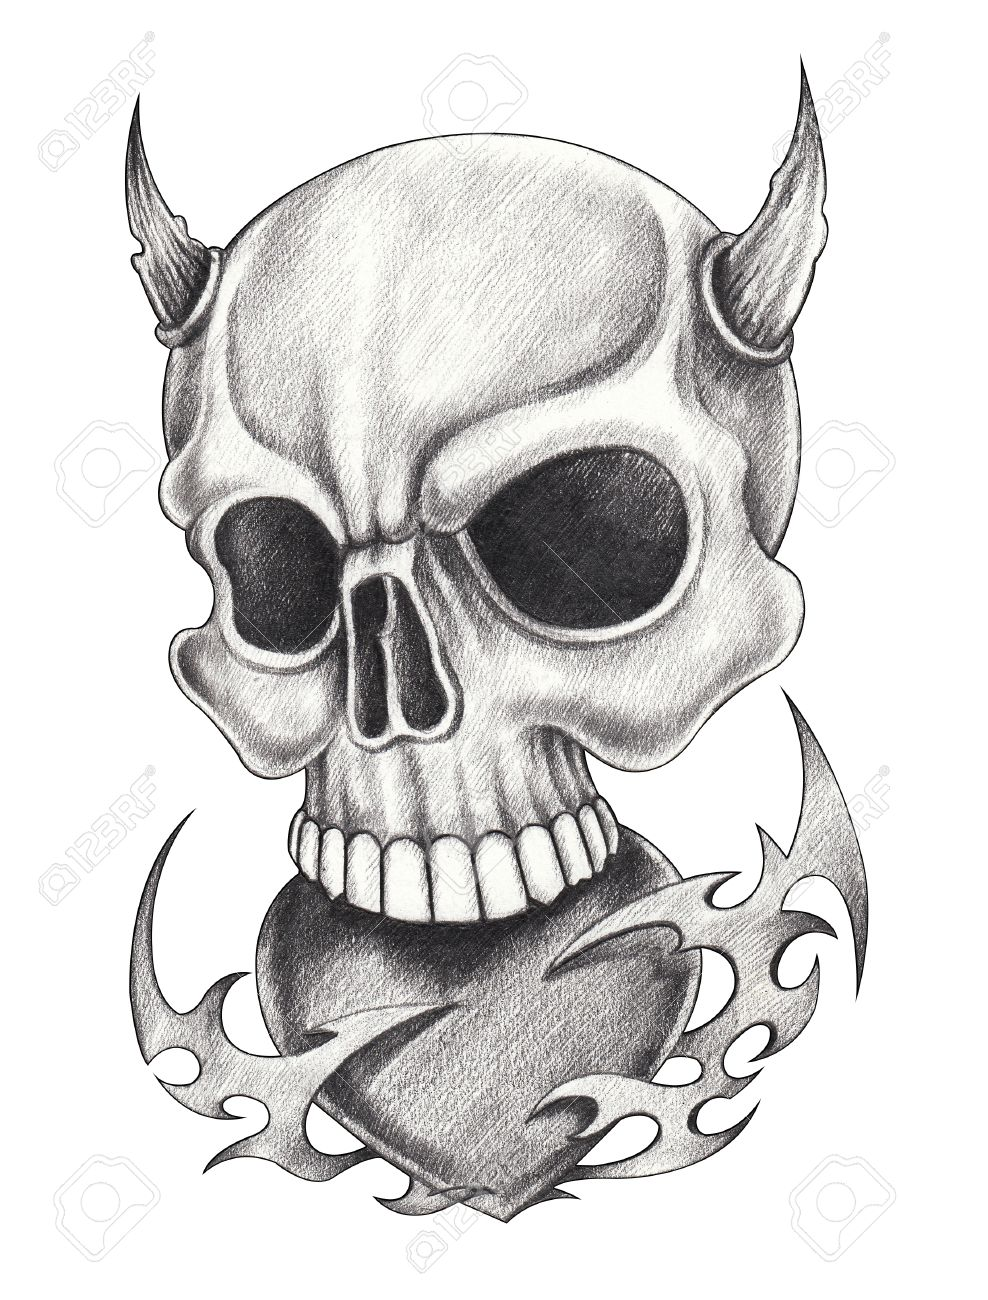 Art Devil Skull Tattoo Hand Pencil Drawing On Paper Stock Photo